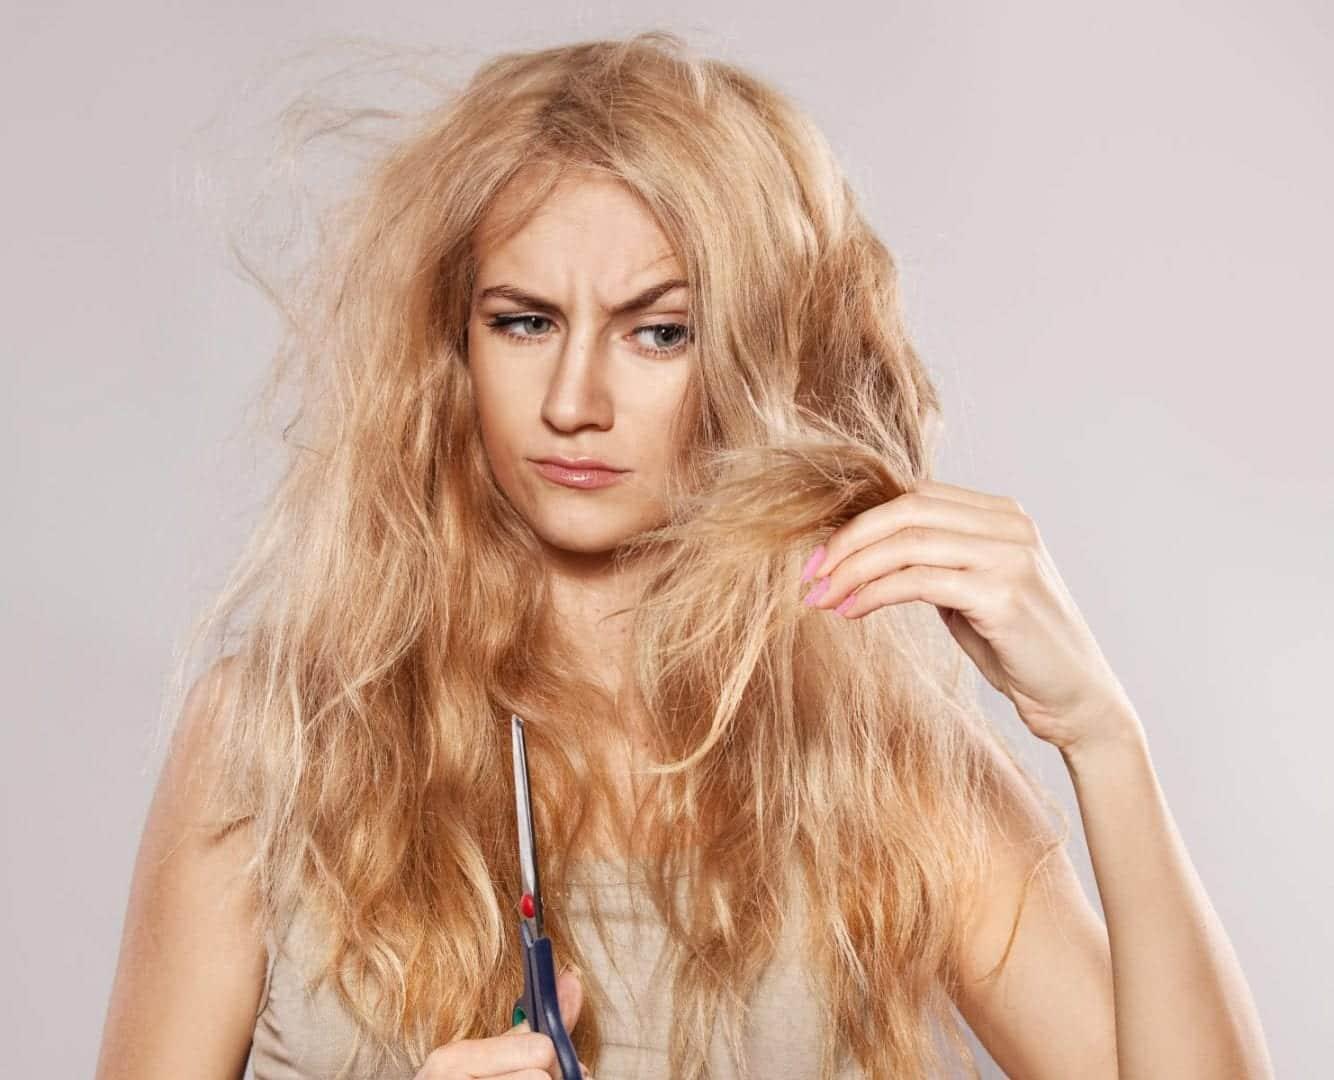 Cabelo poroso- O que é, como identificar e como tratar cada tipo de cabelo